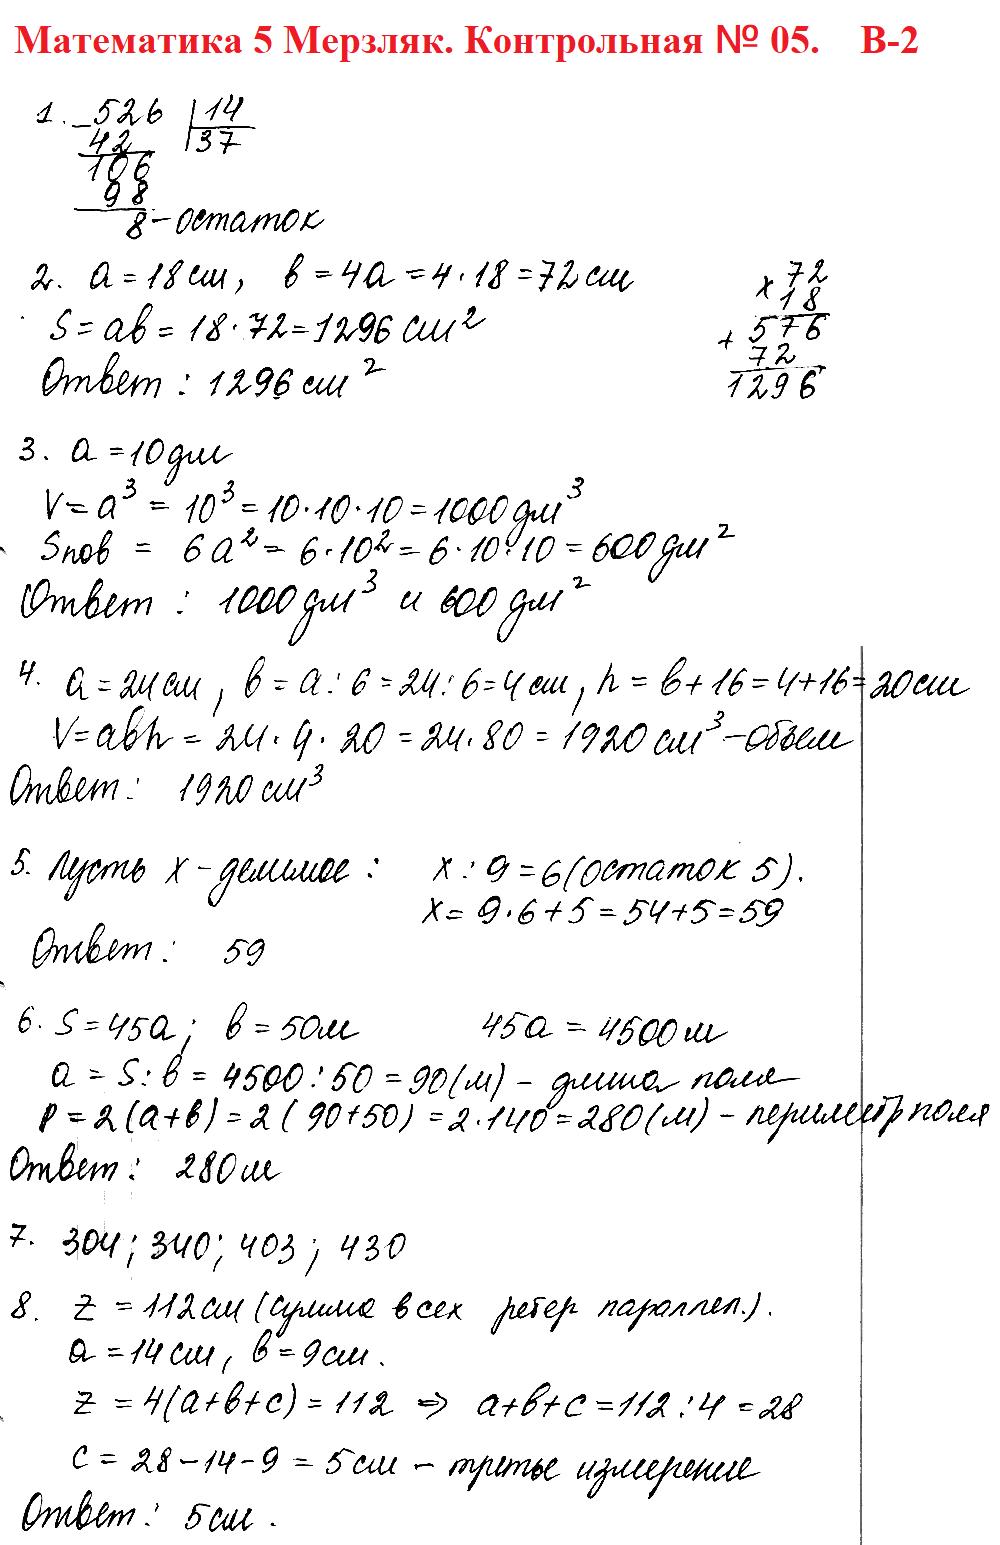 Математика 5 класс Мерзляк. Ответы на контрольную работу № 5 в2